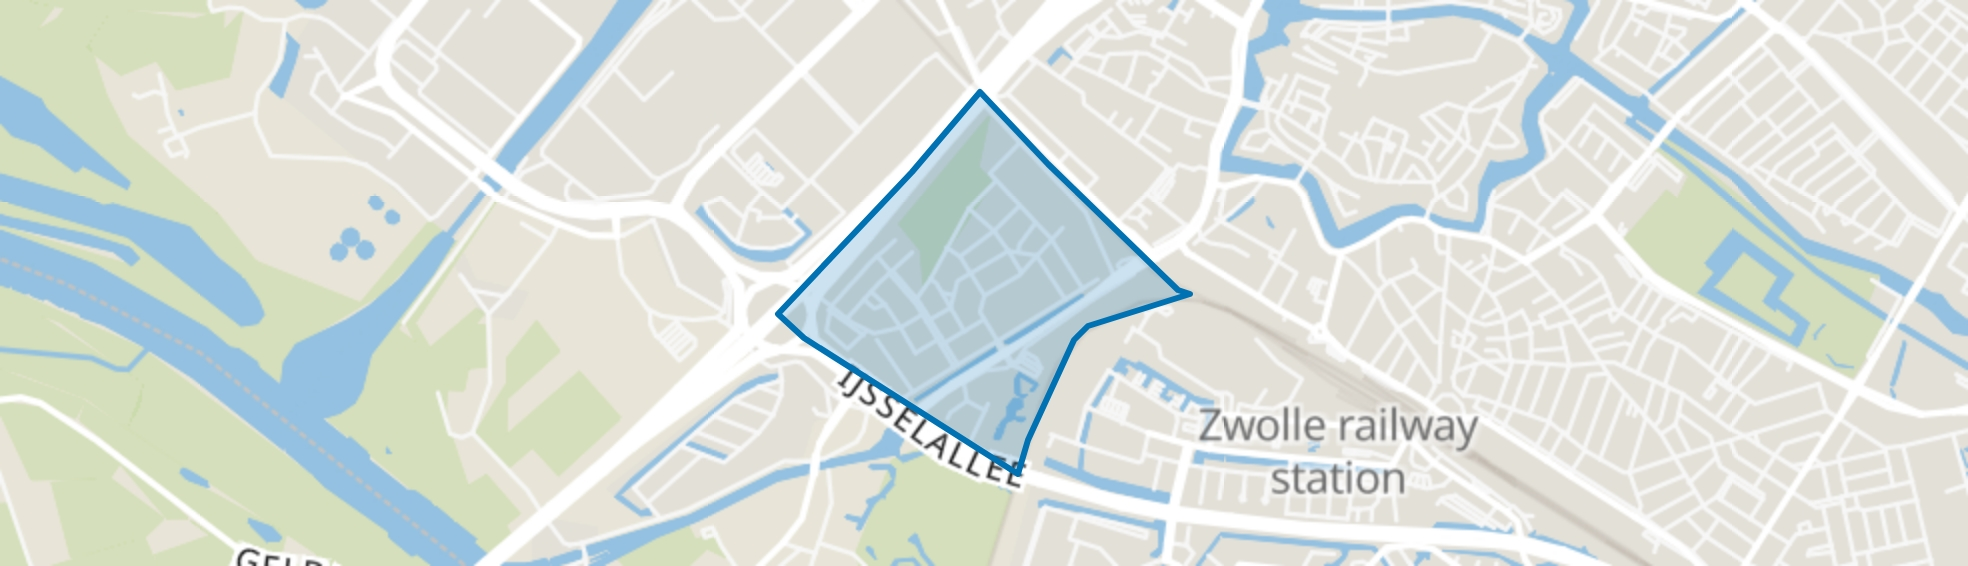 Veerallee, Zwolle map